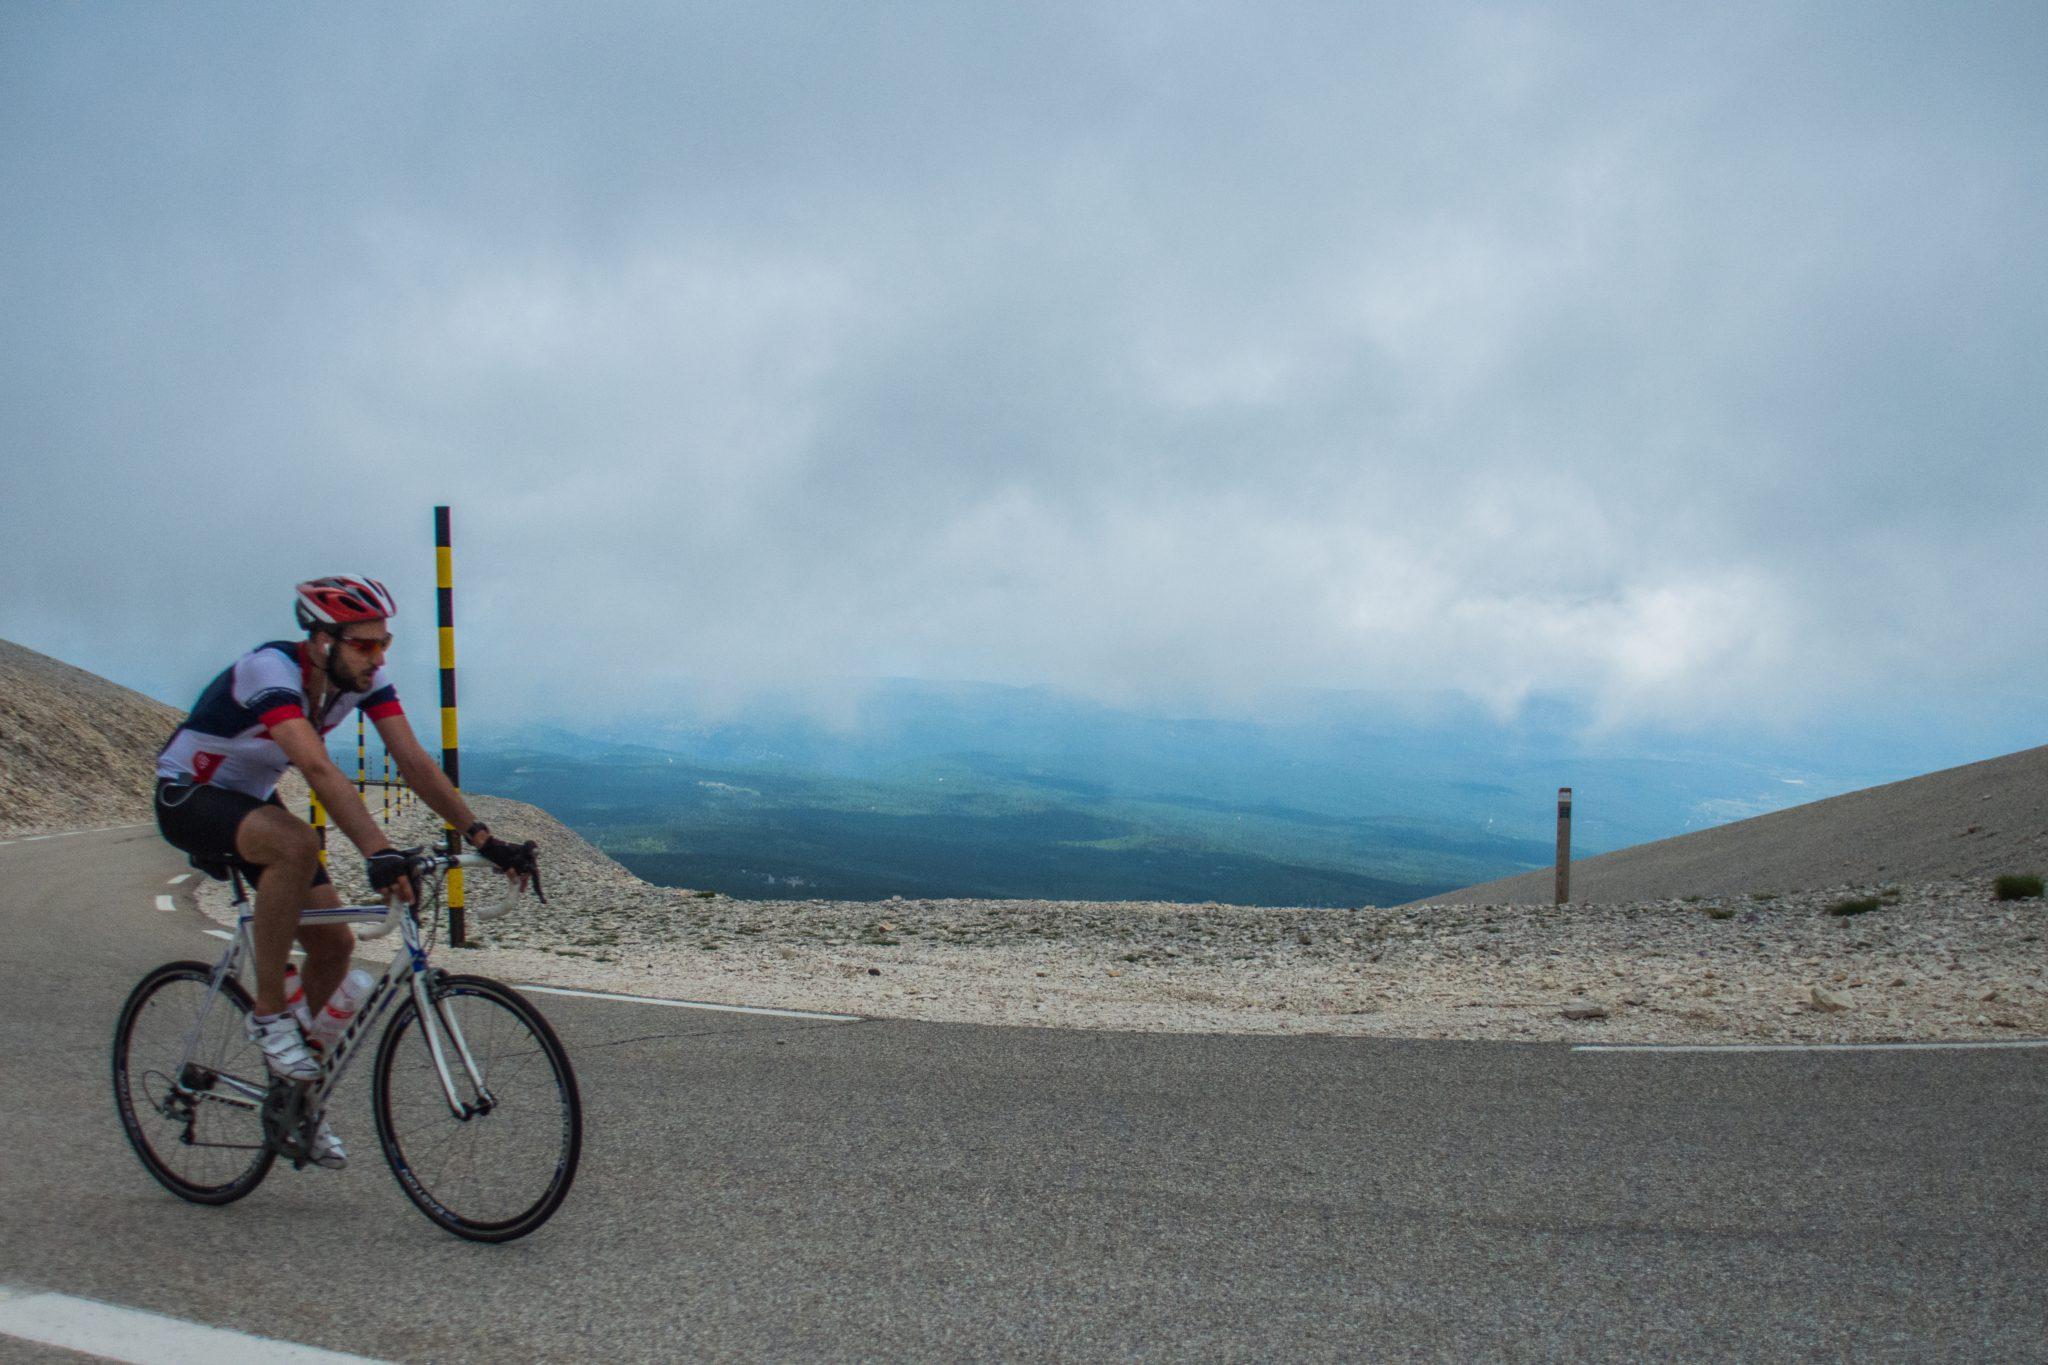 Het weer kan snel omslaan op de Mont Ventoux: neem kleren voor alle omstandigheden mee!